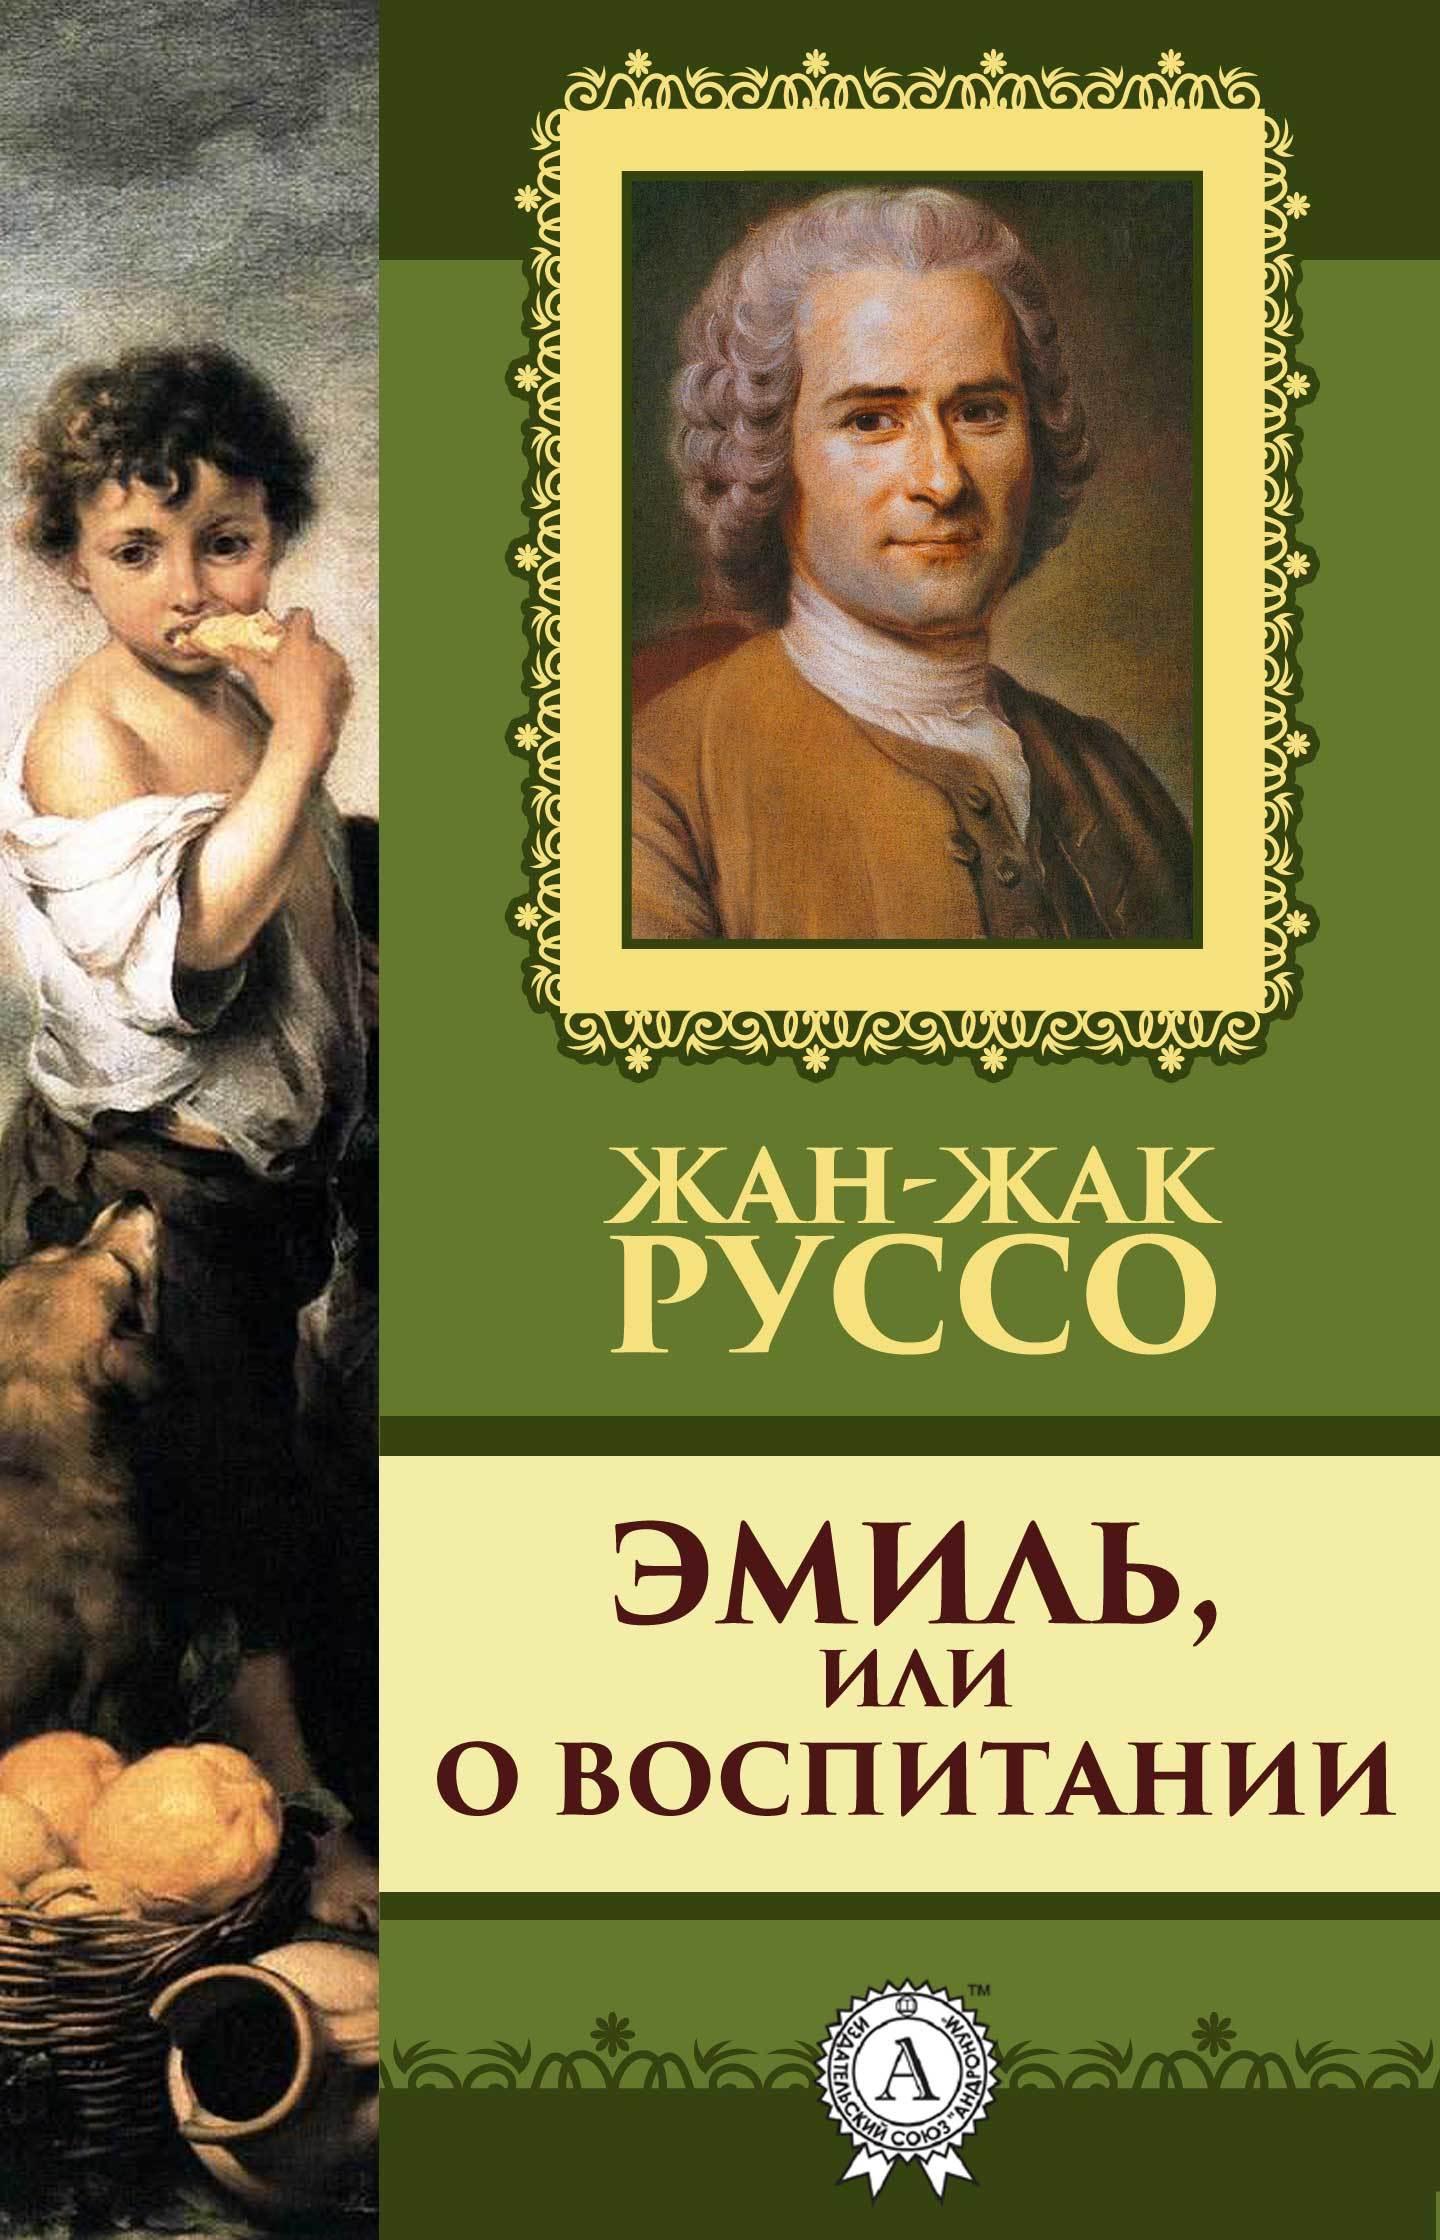 Жан-Жак Руссо Эмиль, или о воспитании руссо ж юлия или новая элоиза книга 1 том 5